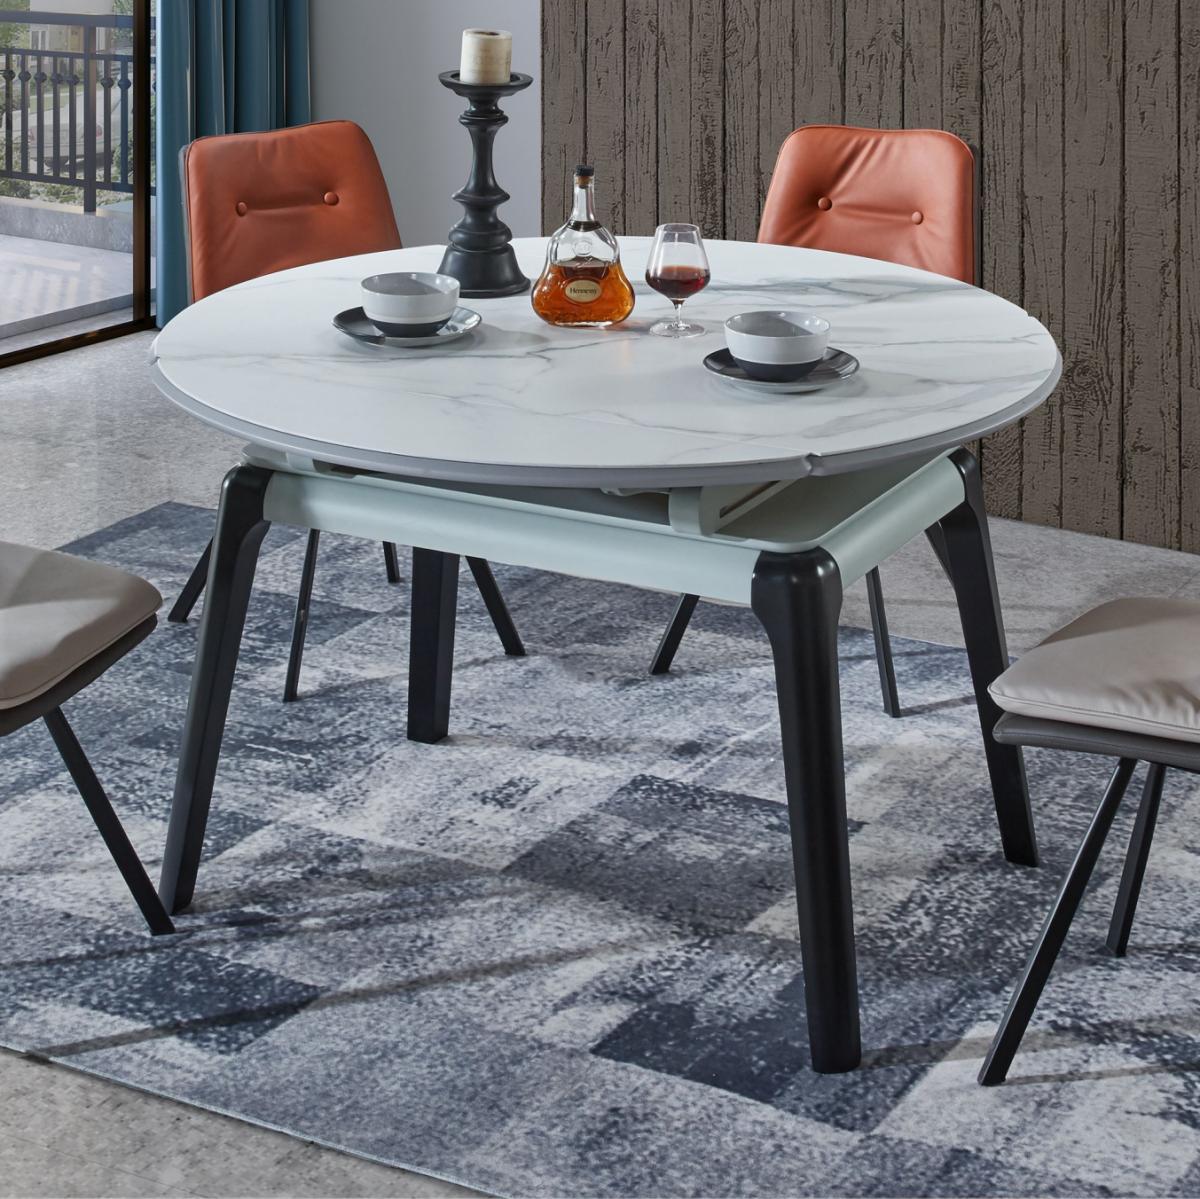 意式轻奢岩板餐桌小户型家用可伸缩岩板餐桌可变圆桌现代简约桌子